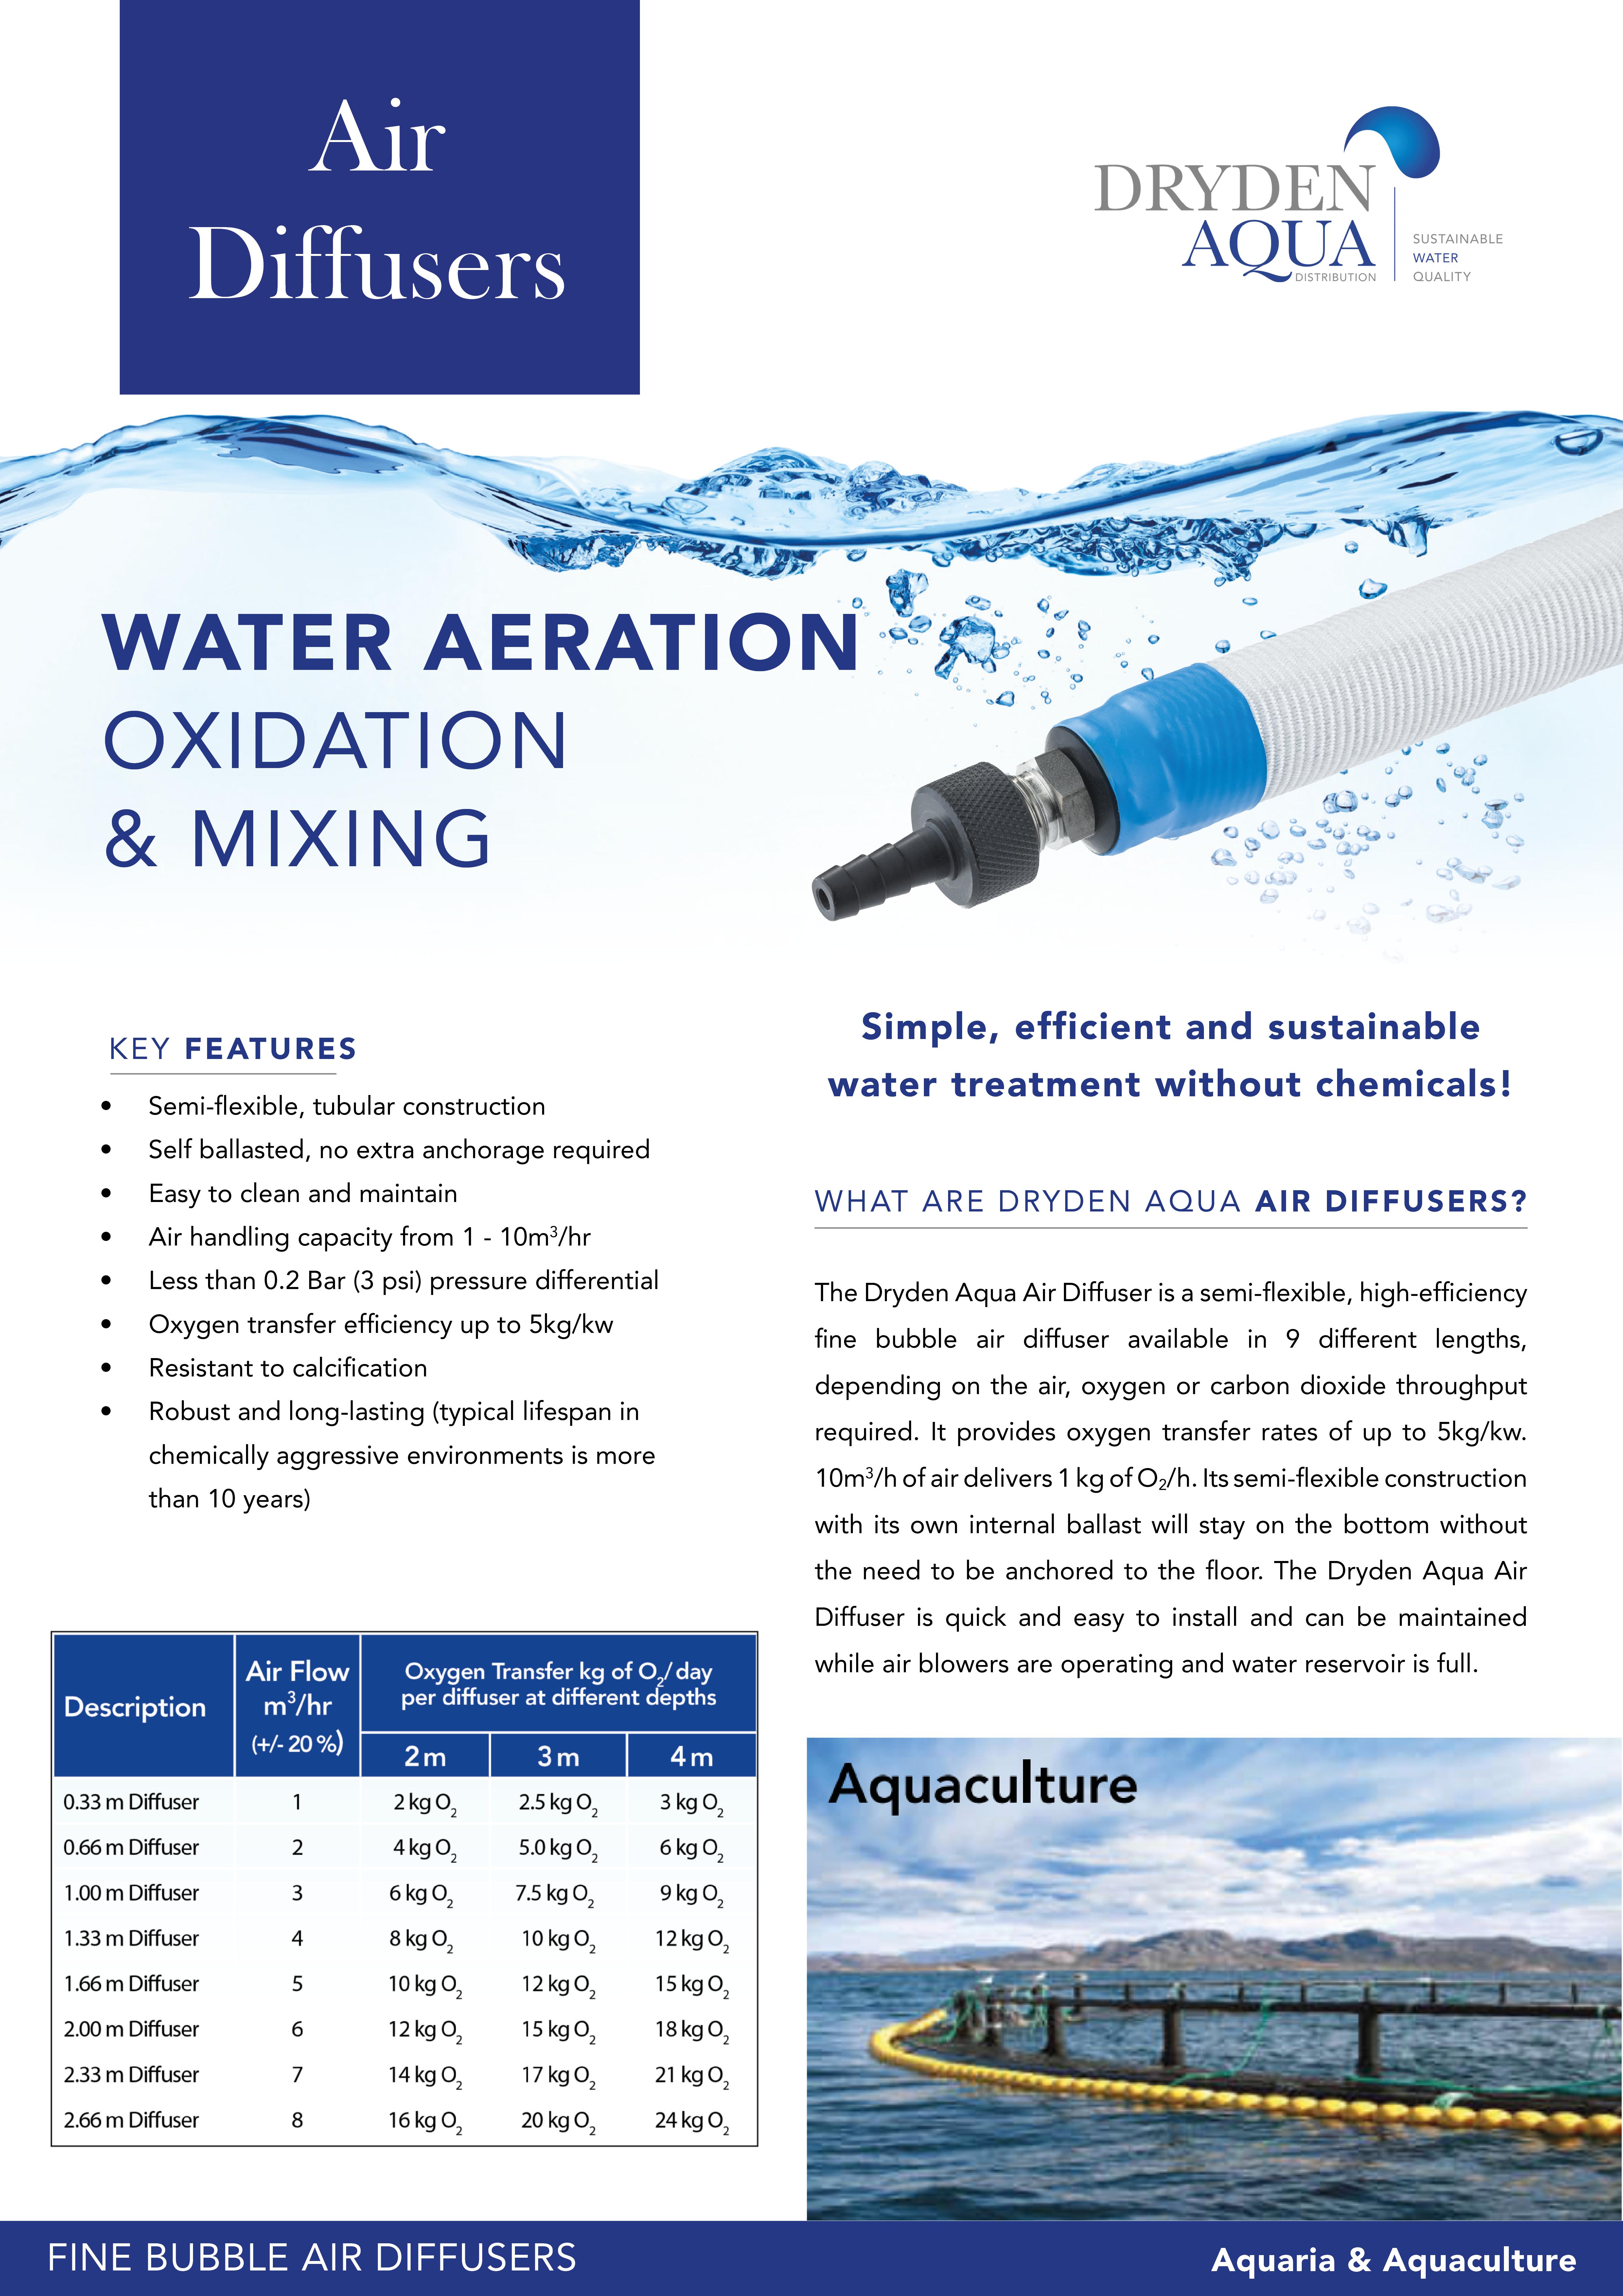 Air diffuser - Aquaria & Aquaculture 2 pager